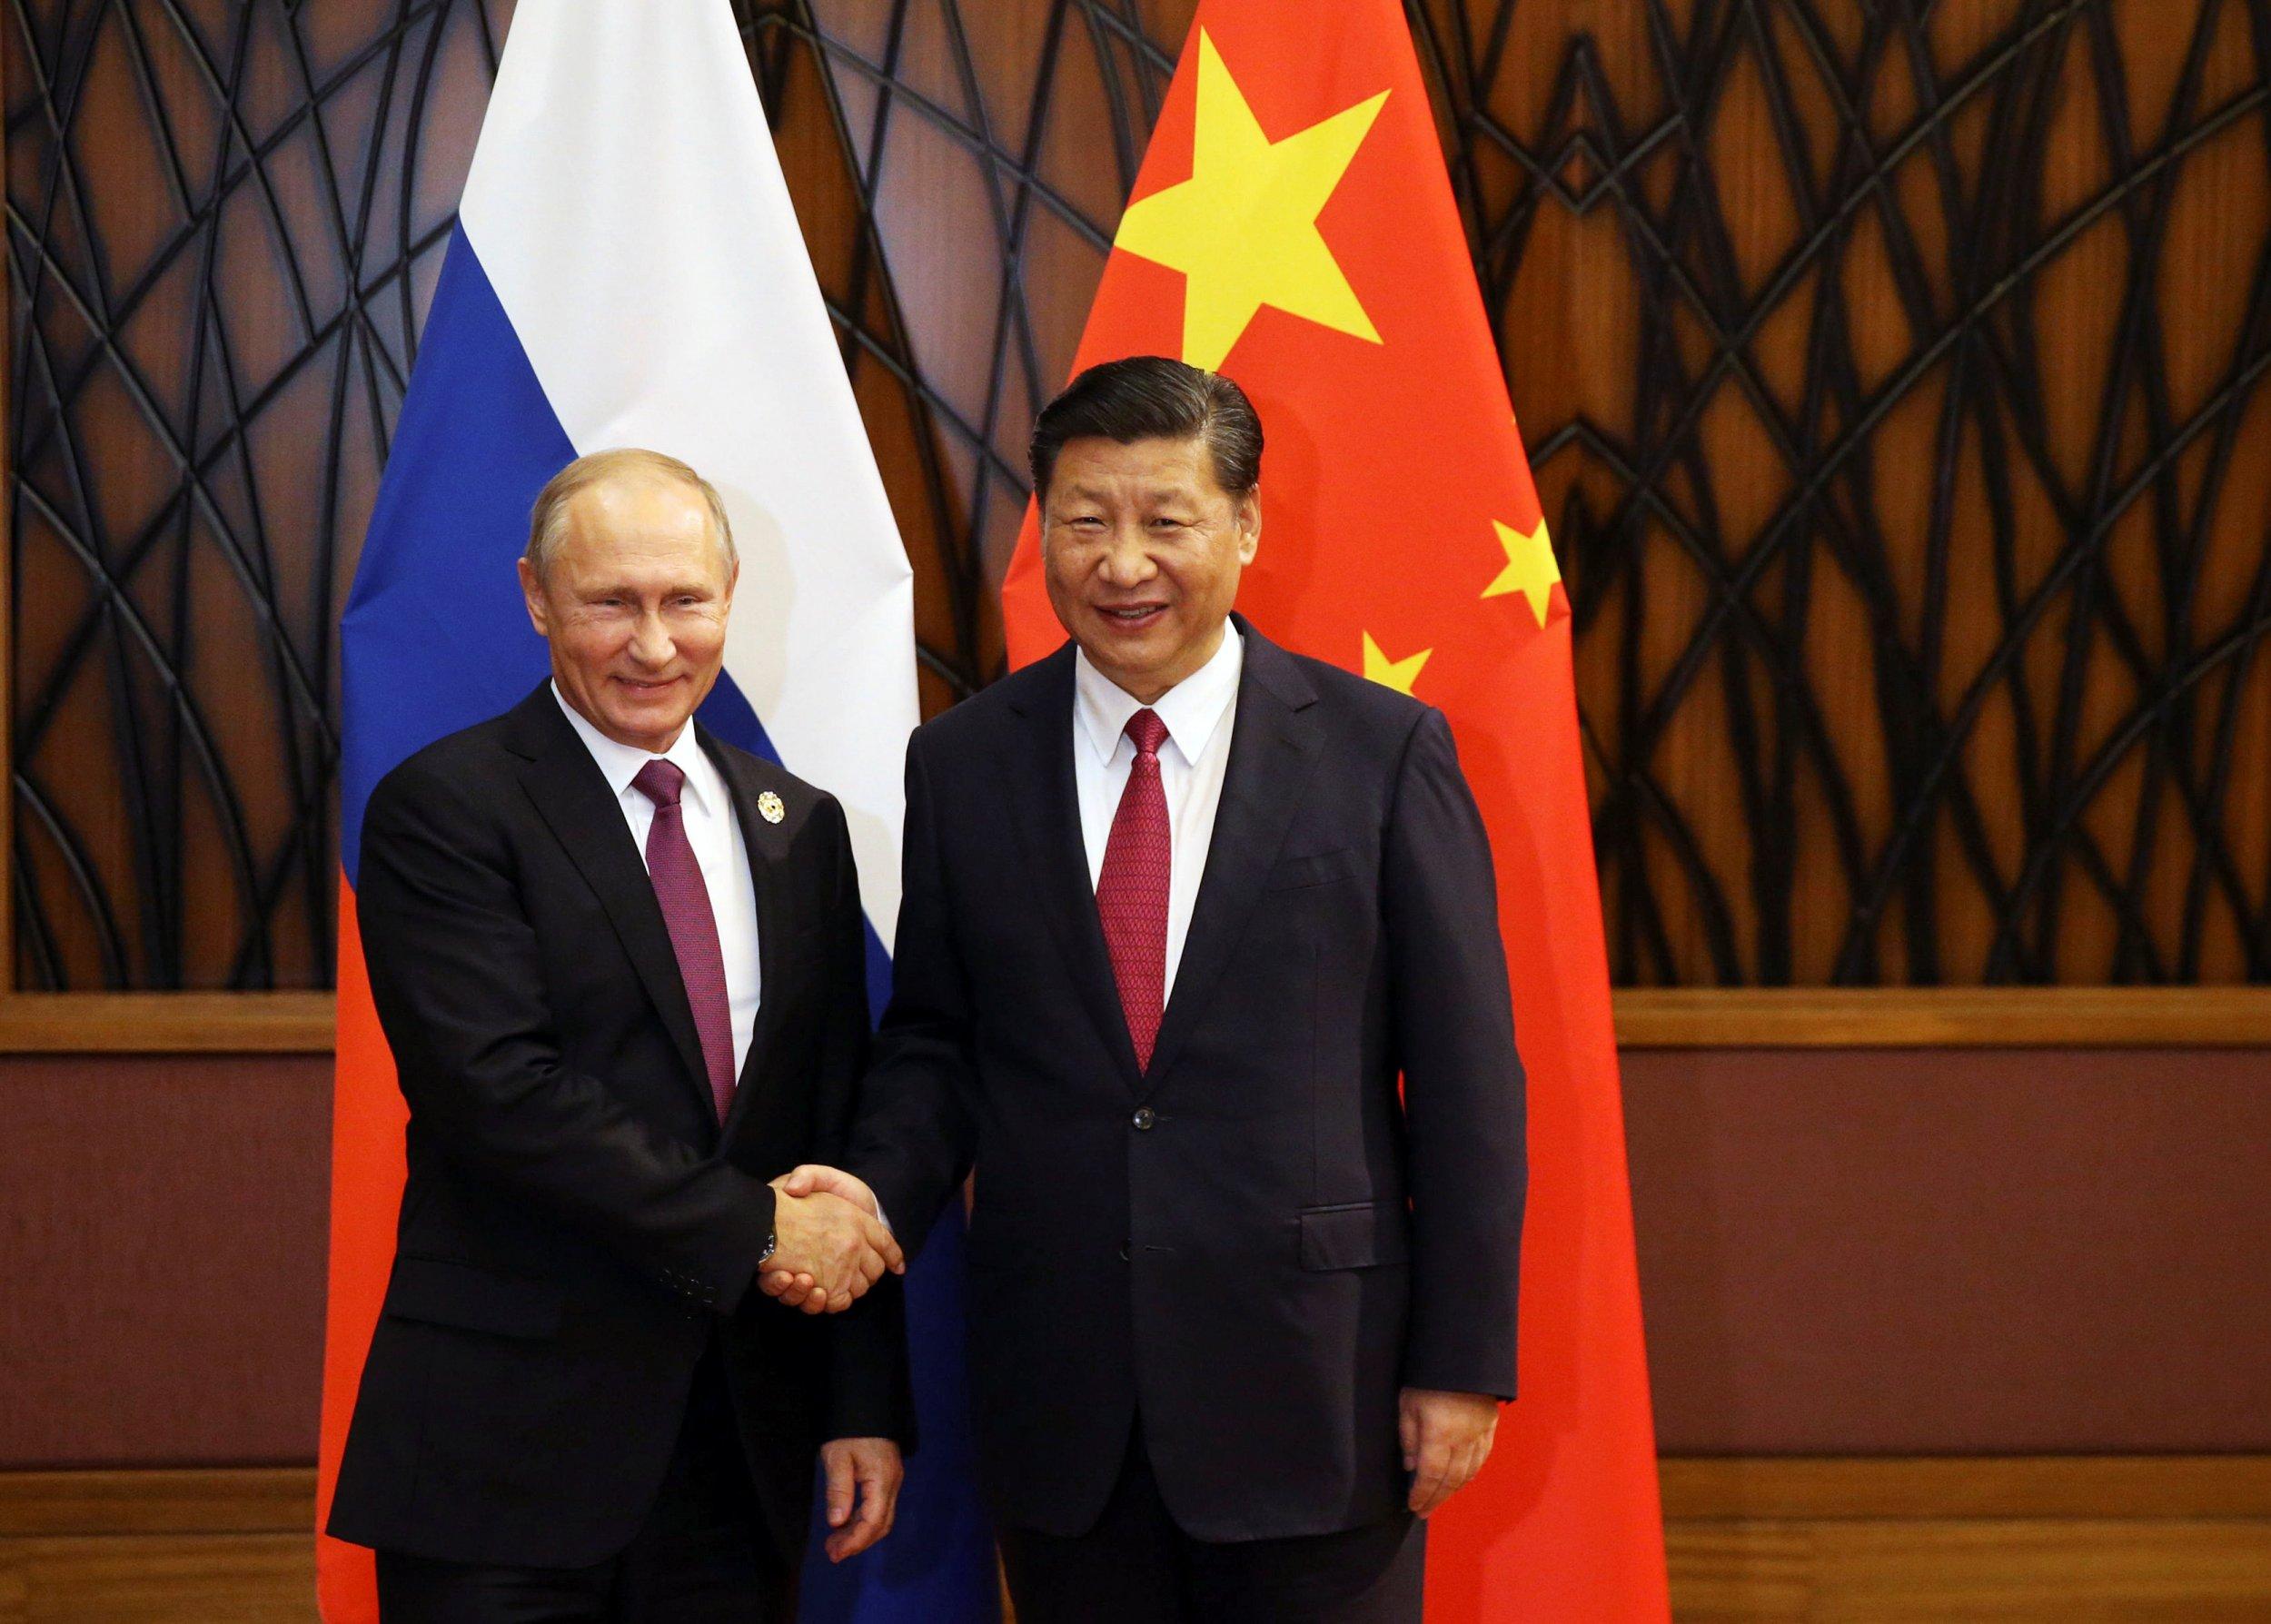 НАТО: в  связи с переходом центра  глобальной  мощи   от Запада к Востоку, война Соединённых Штатов с Россией и Китаем  становится   более  вероятной